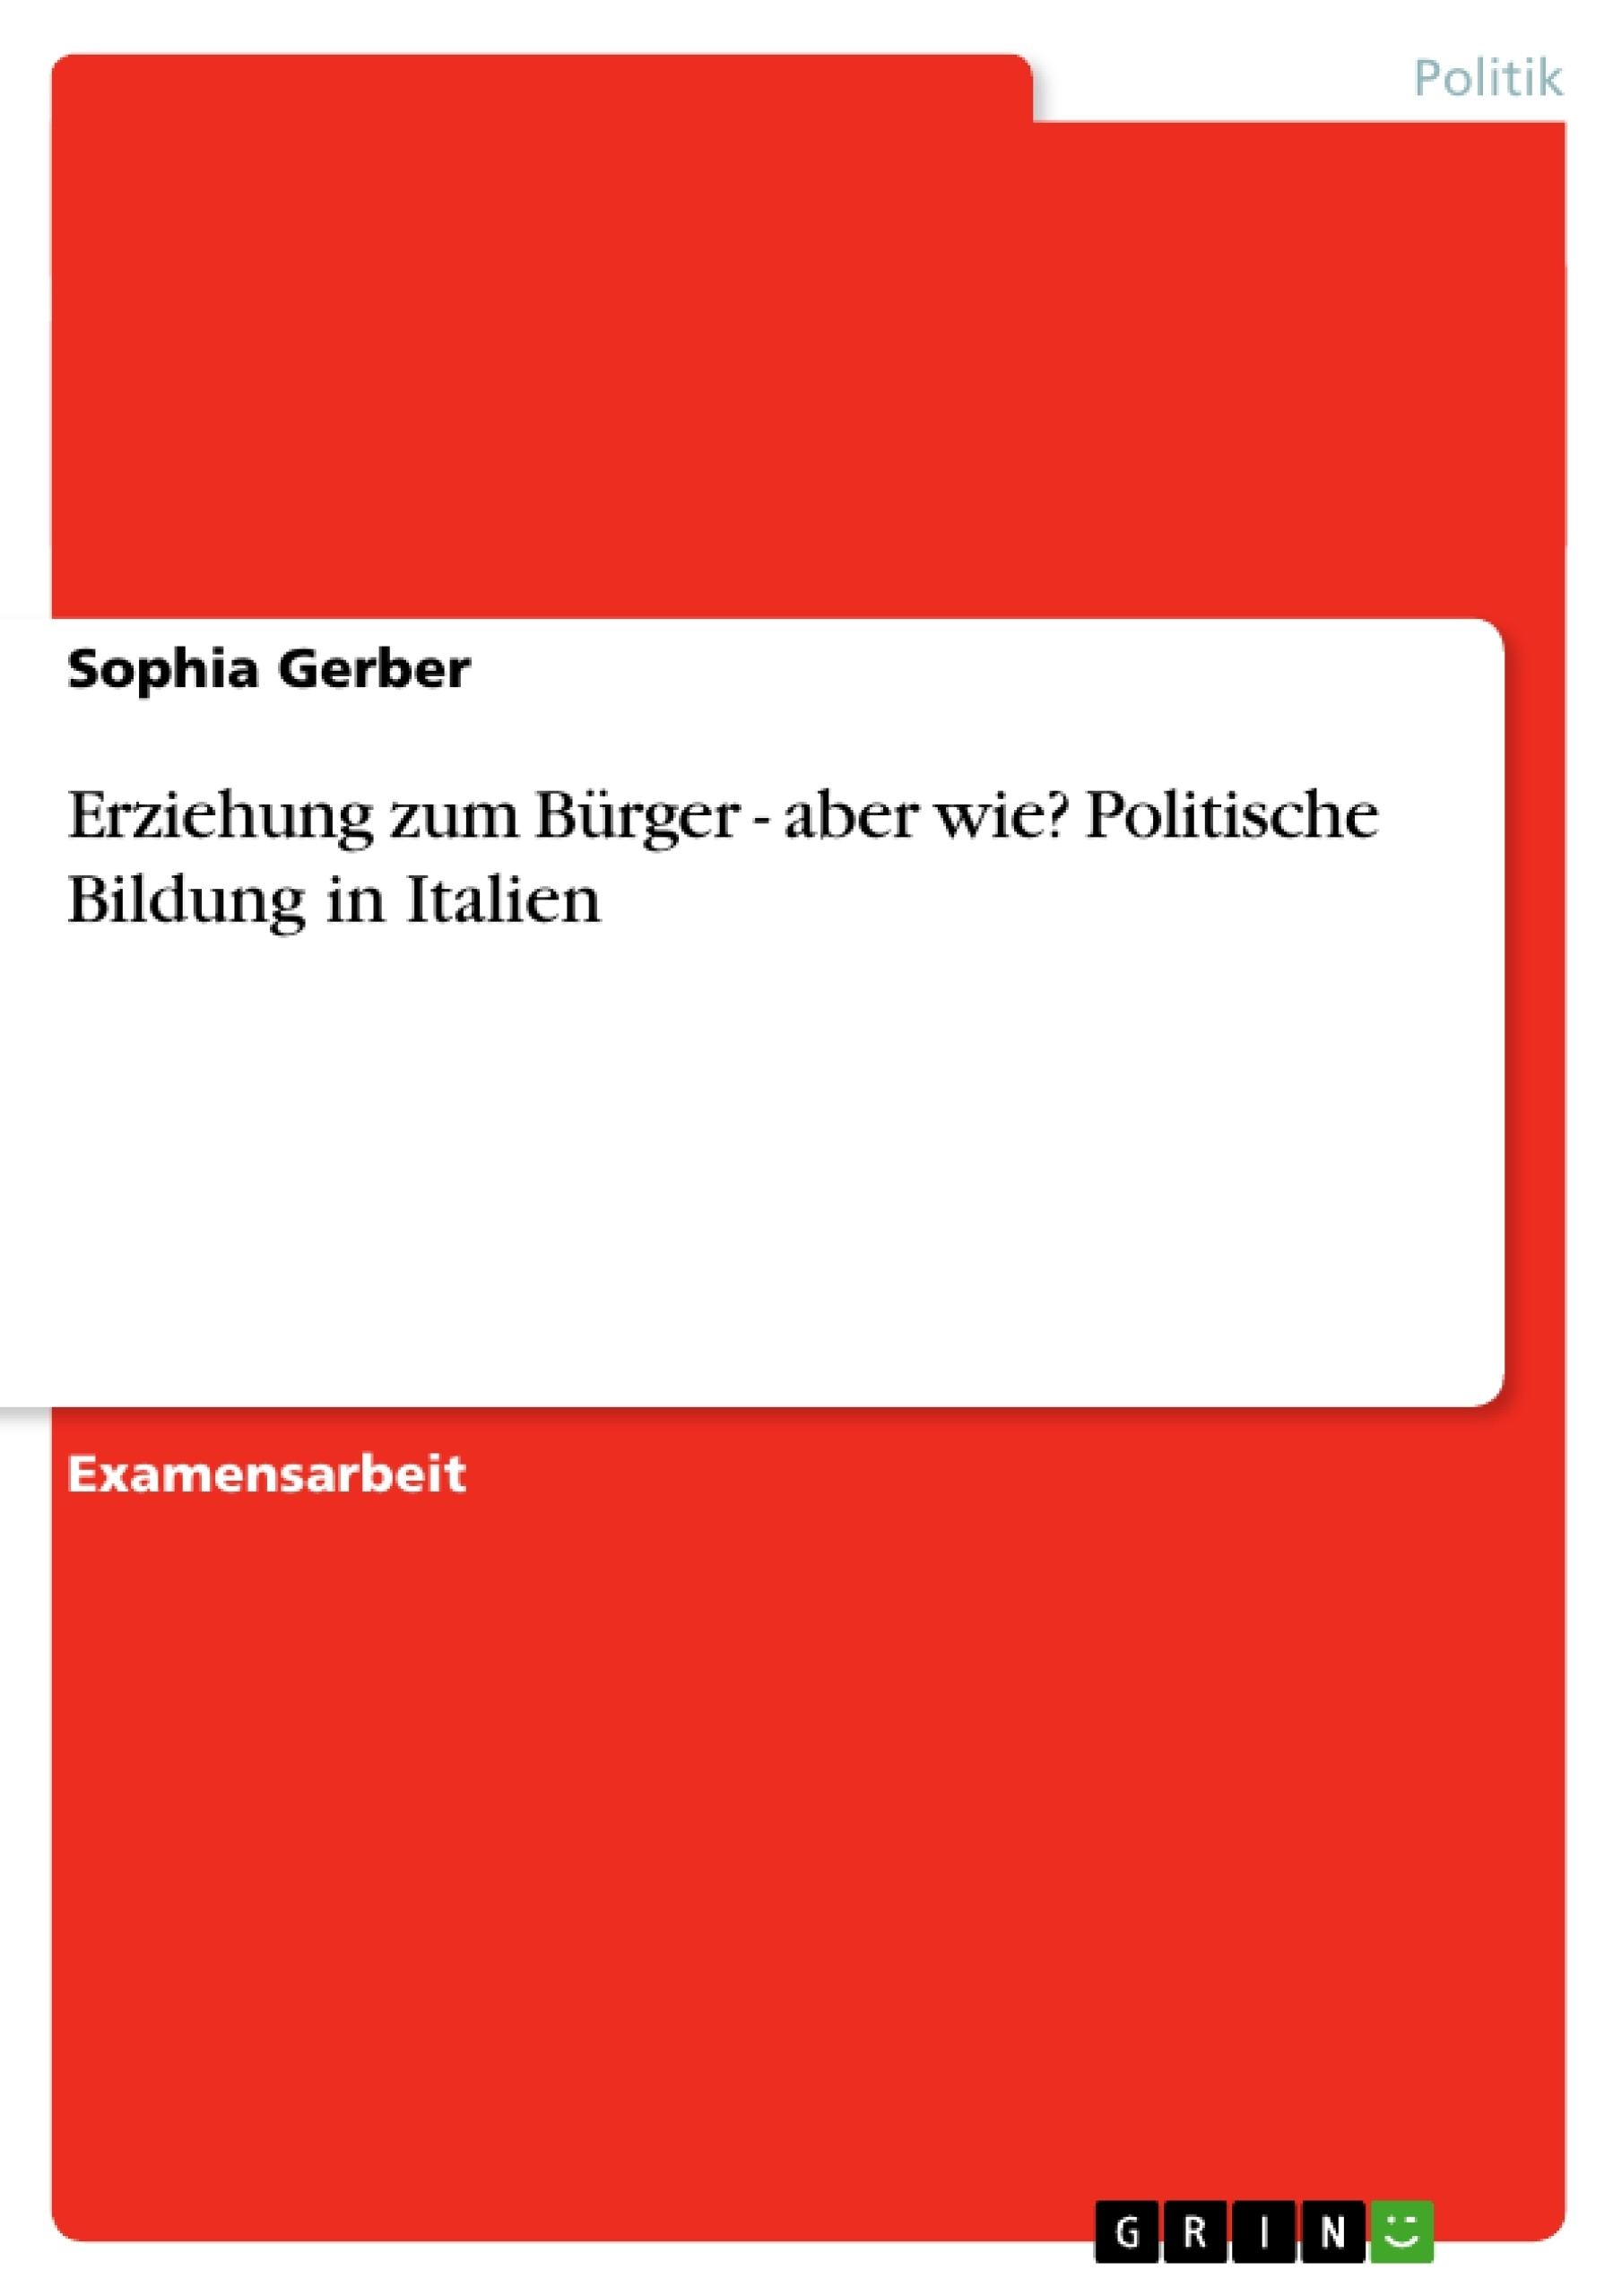 Titel: Erziehung zum Bürger - aber wie? Politische Bildung in Italien